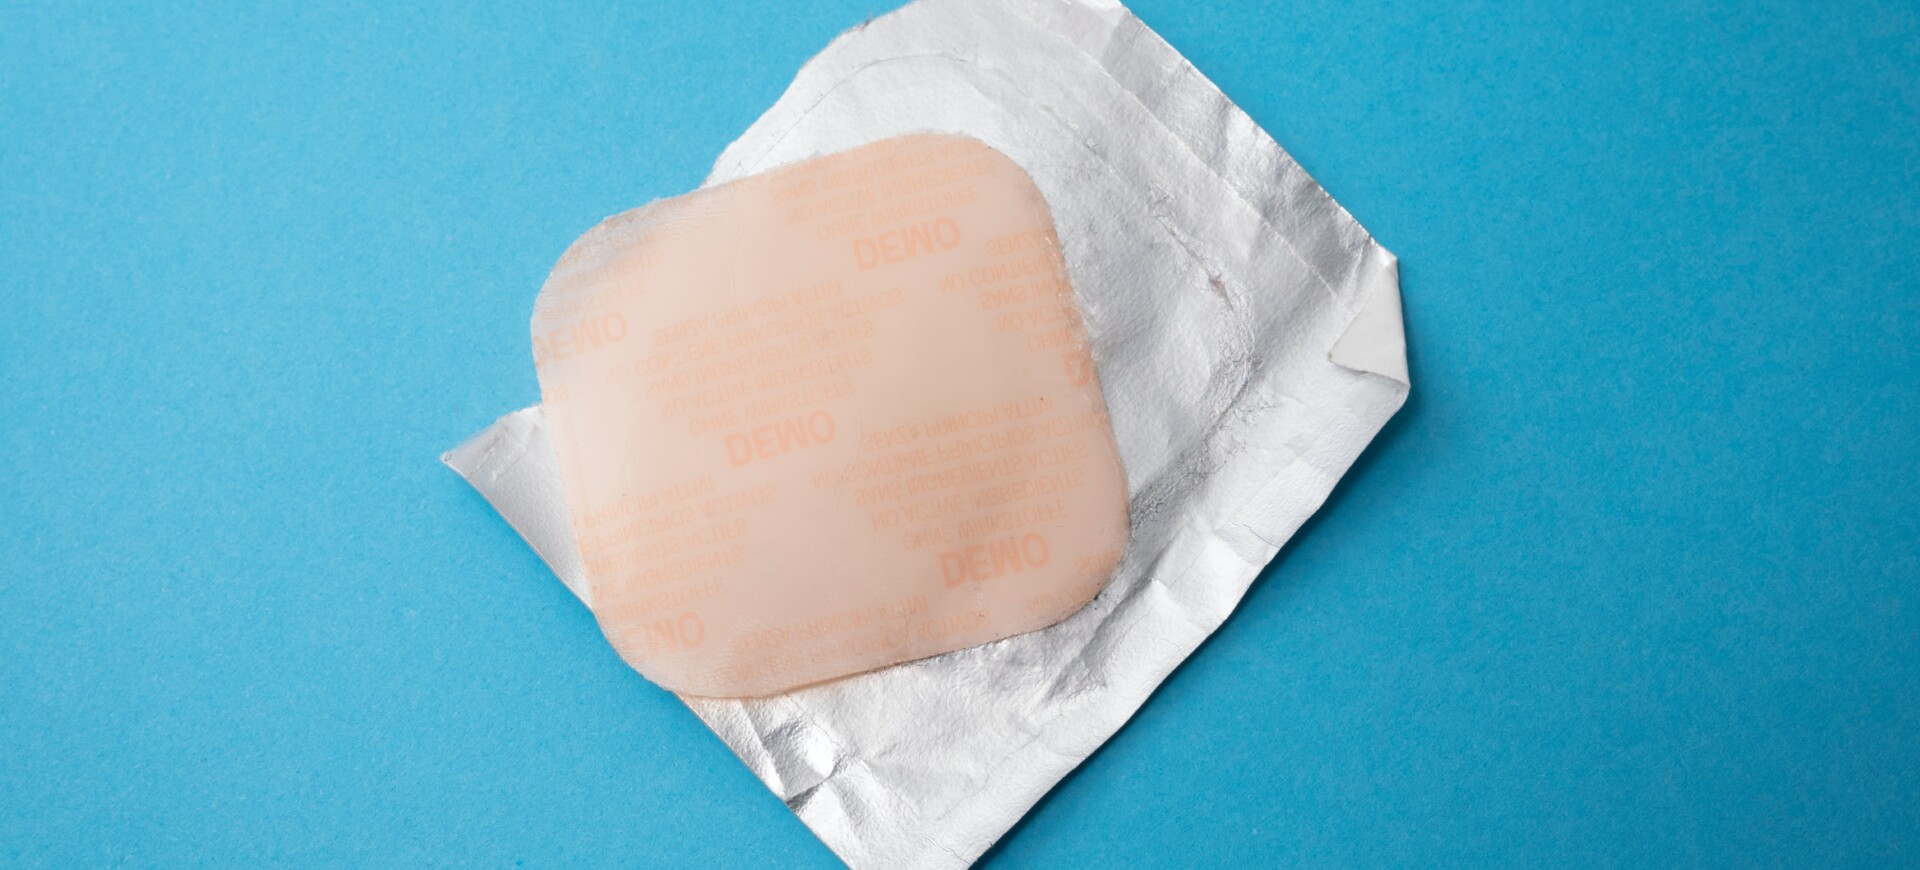 Contracepția poate fi chic: ai aflat de plasturele contraceptiv?